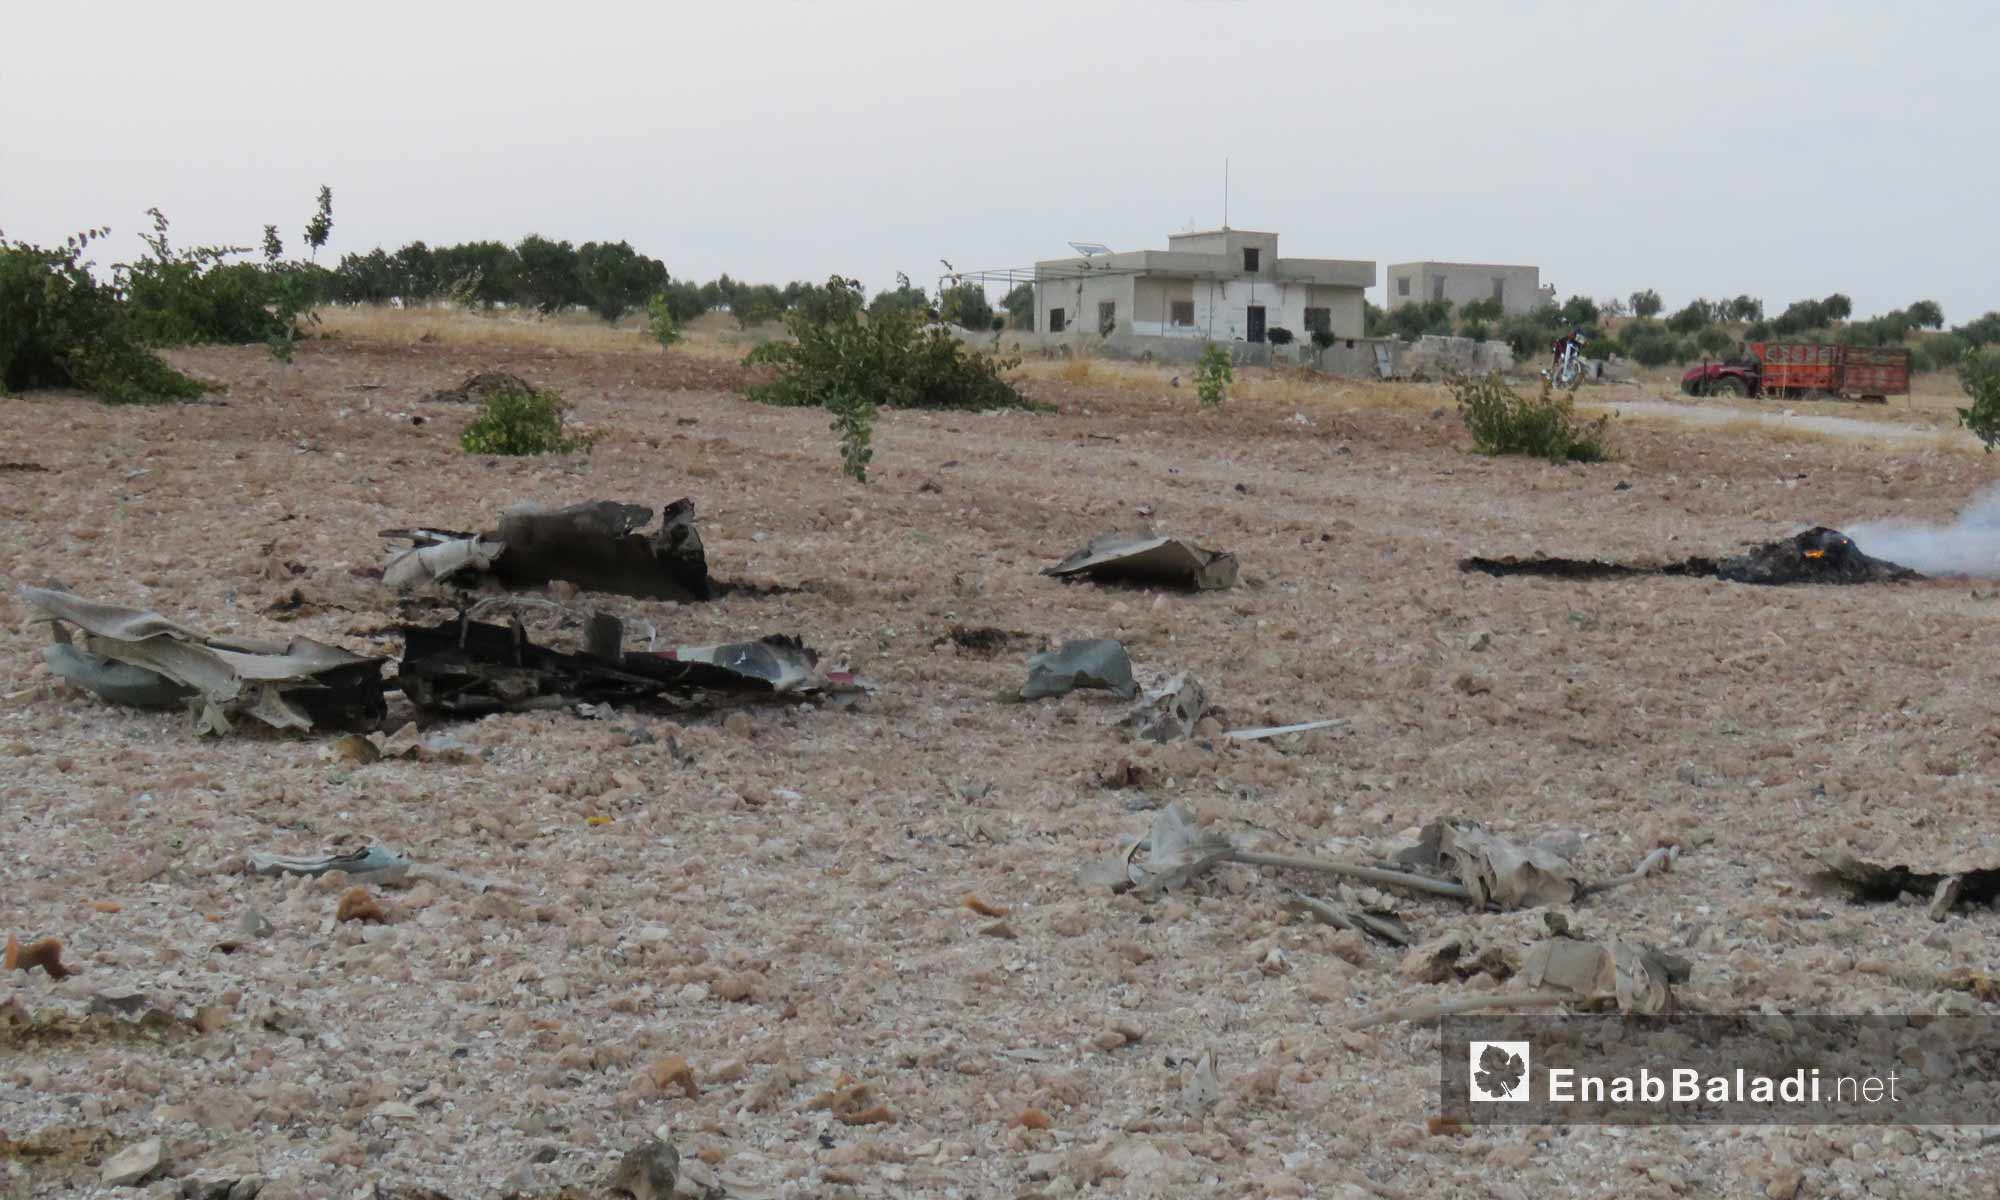 حطام طائرة حربية تابعة للنظام السوري من نوع سوخوي 22 أسقطتها الفصائل بالقرب من بلدة التمانعة في ريف إدلب الجنوبي- 14 من آب 2019 (عنب بلدي)